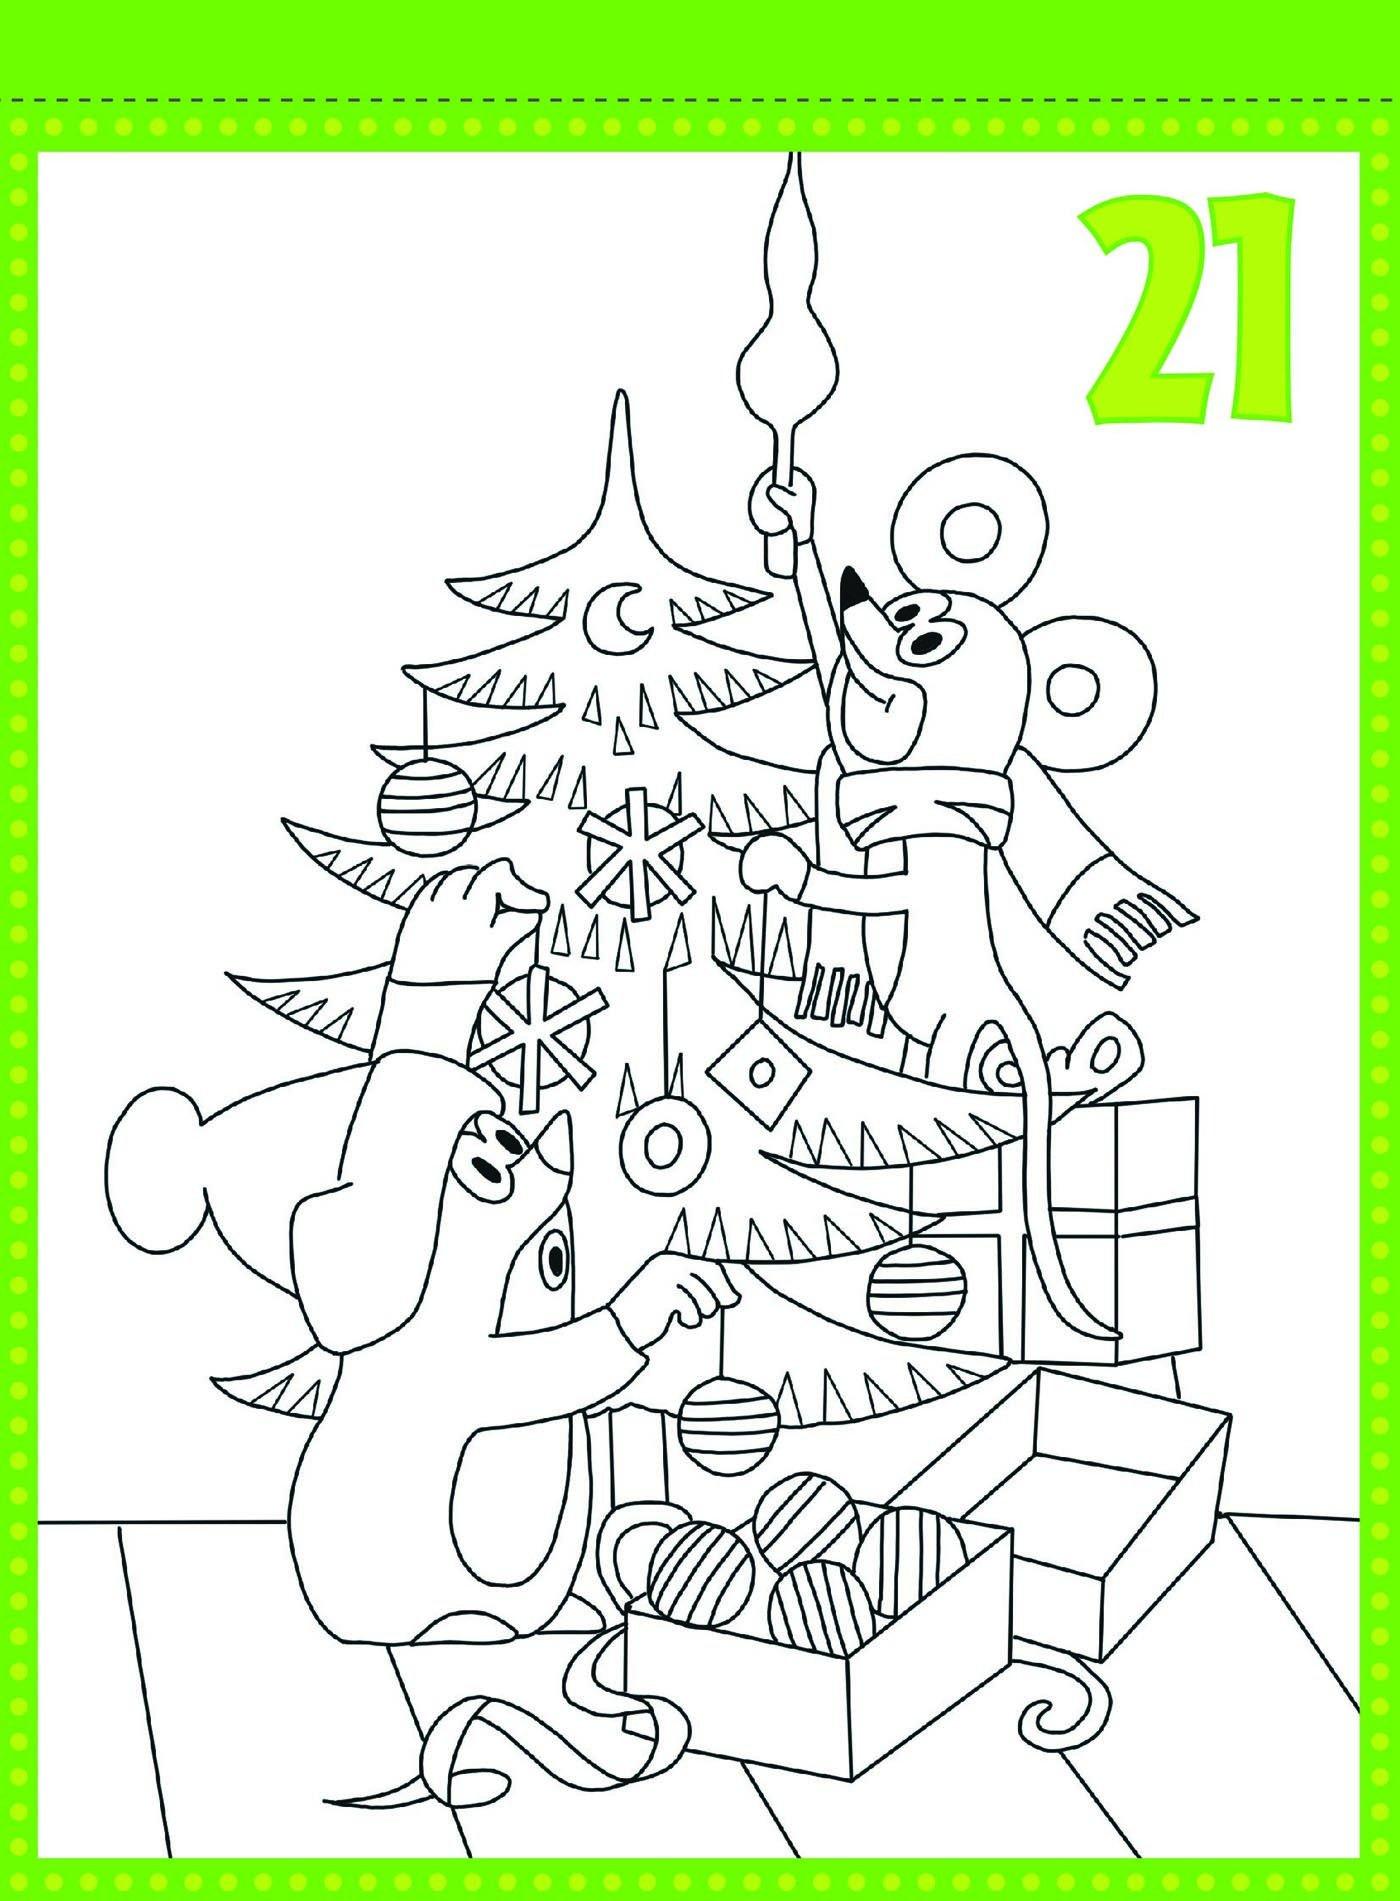 Trotsch Der Kleine Maulwurf Adventskalender Ausmal Adventskalender Mit 24 Bildern Zum Ausmalen Amazon De Trotsch Verlag Bucher